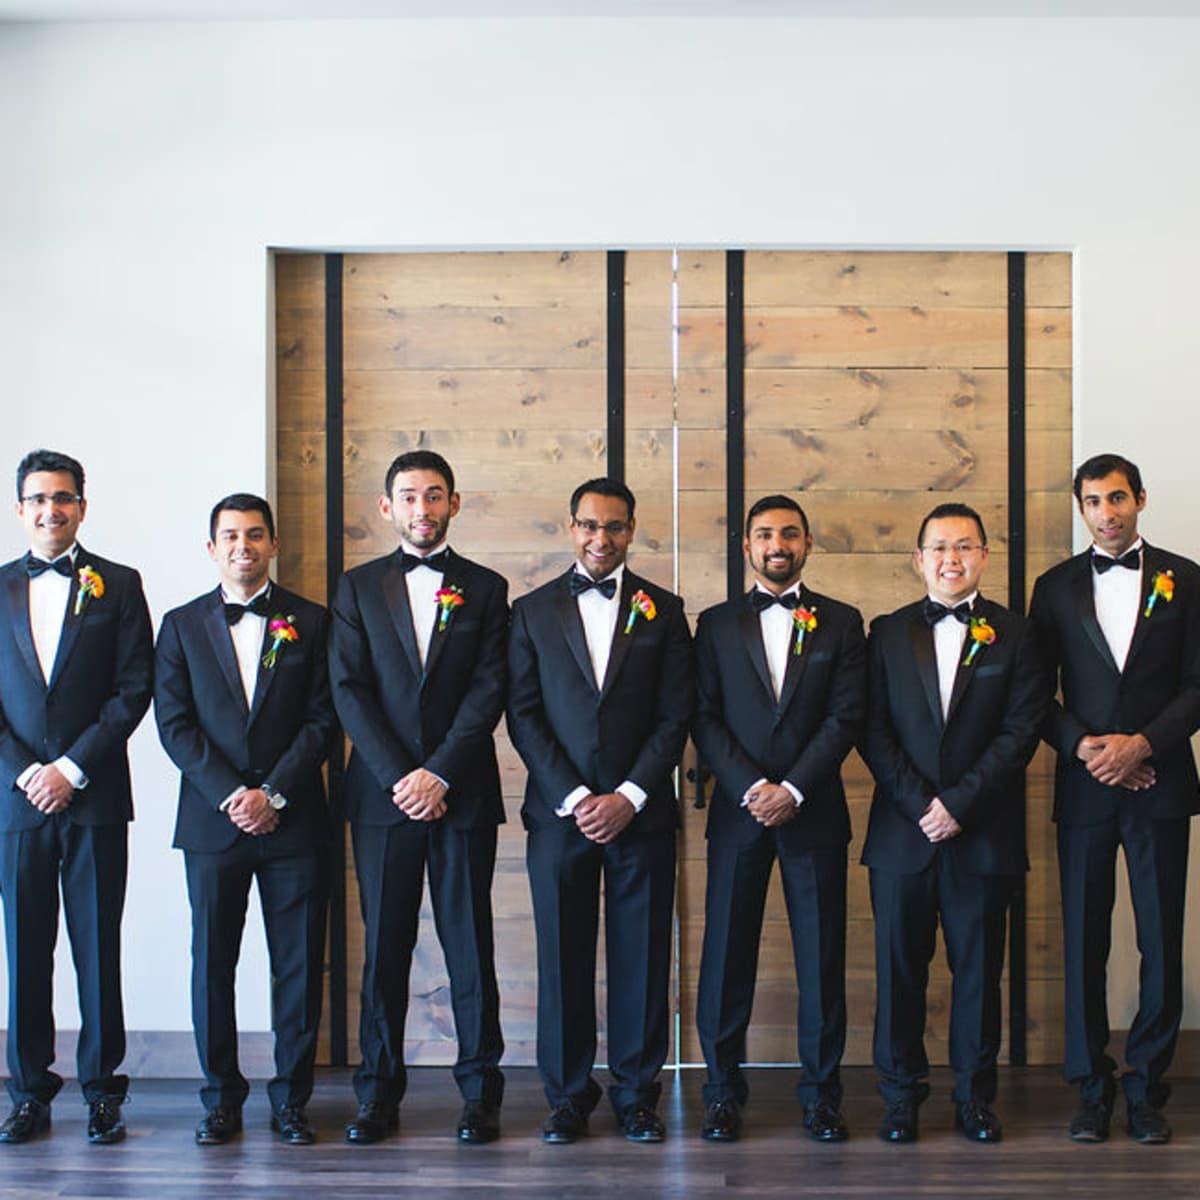 Siddiqui wedding, groomsmen, Real Weddings 2017